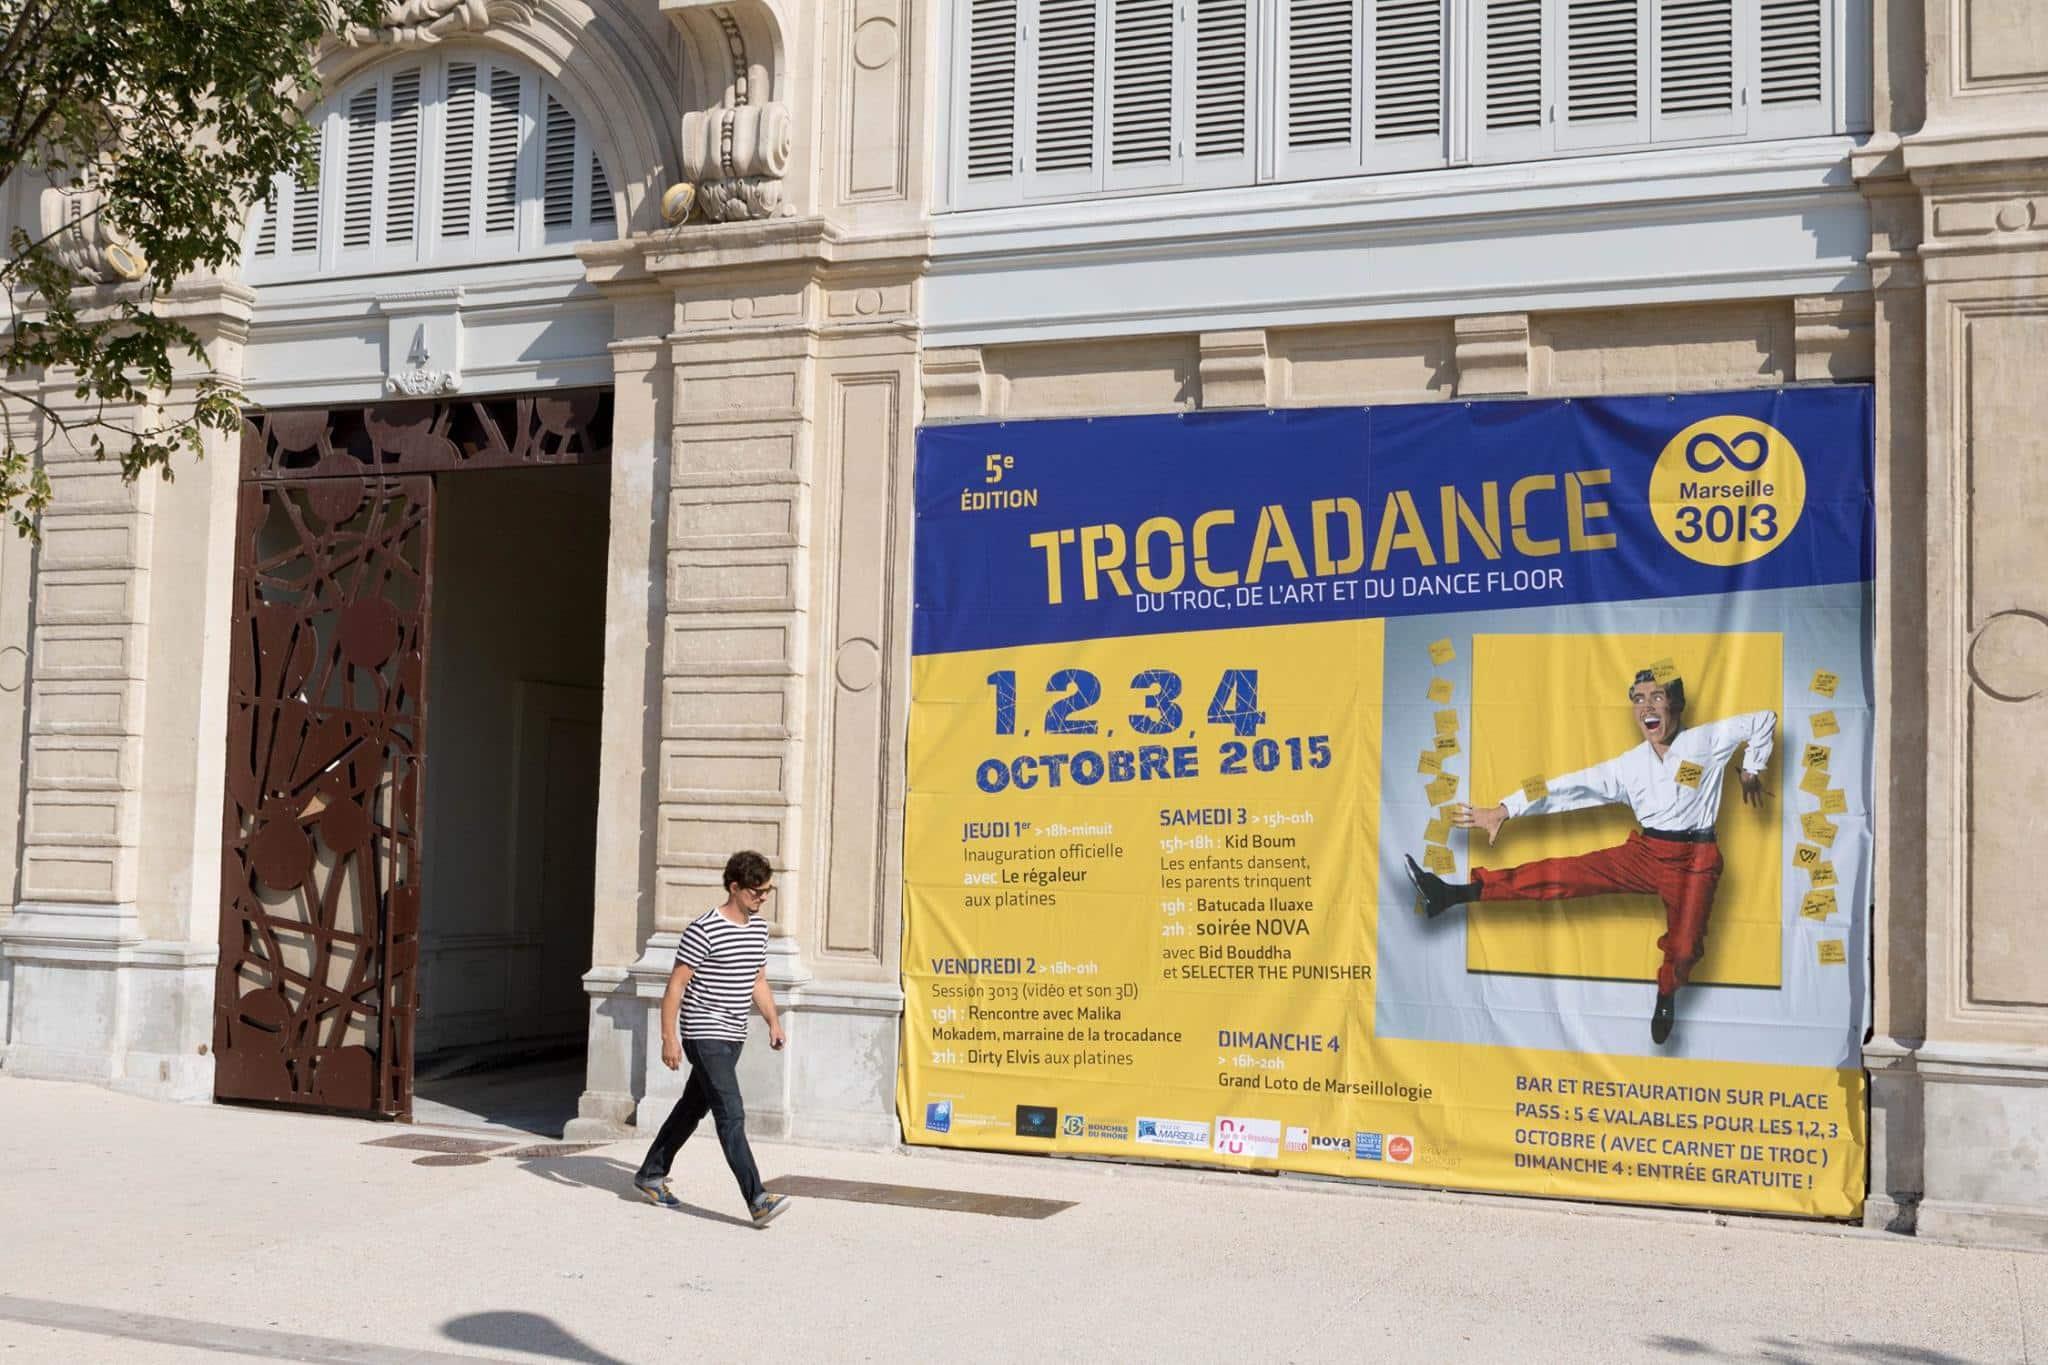 Trocadance, [Trocadance 2015] La vente aux enchères sans argent la plus décalée au monde !, Made in Marseille